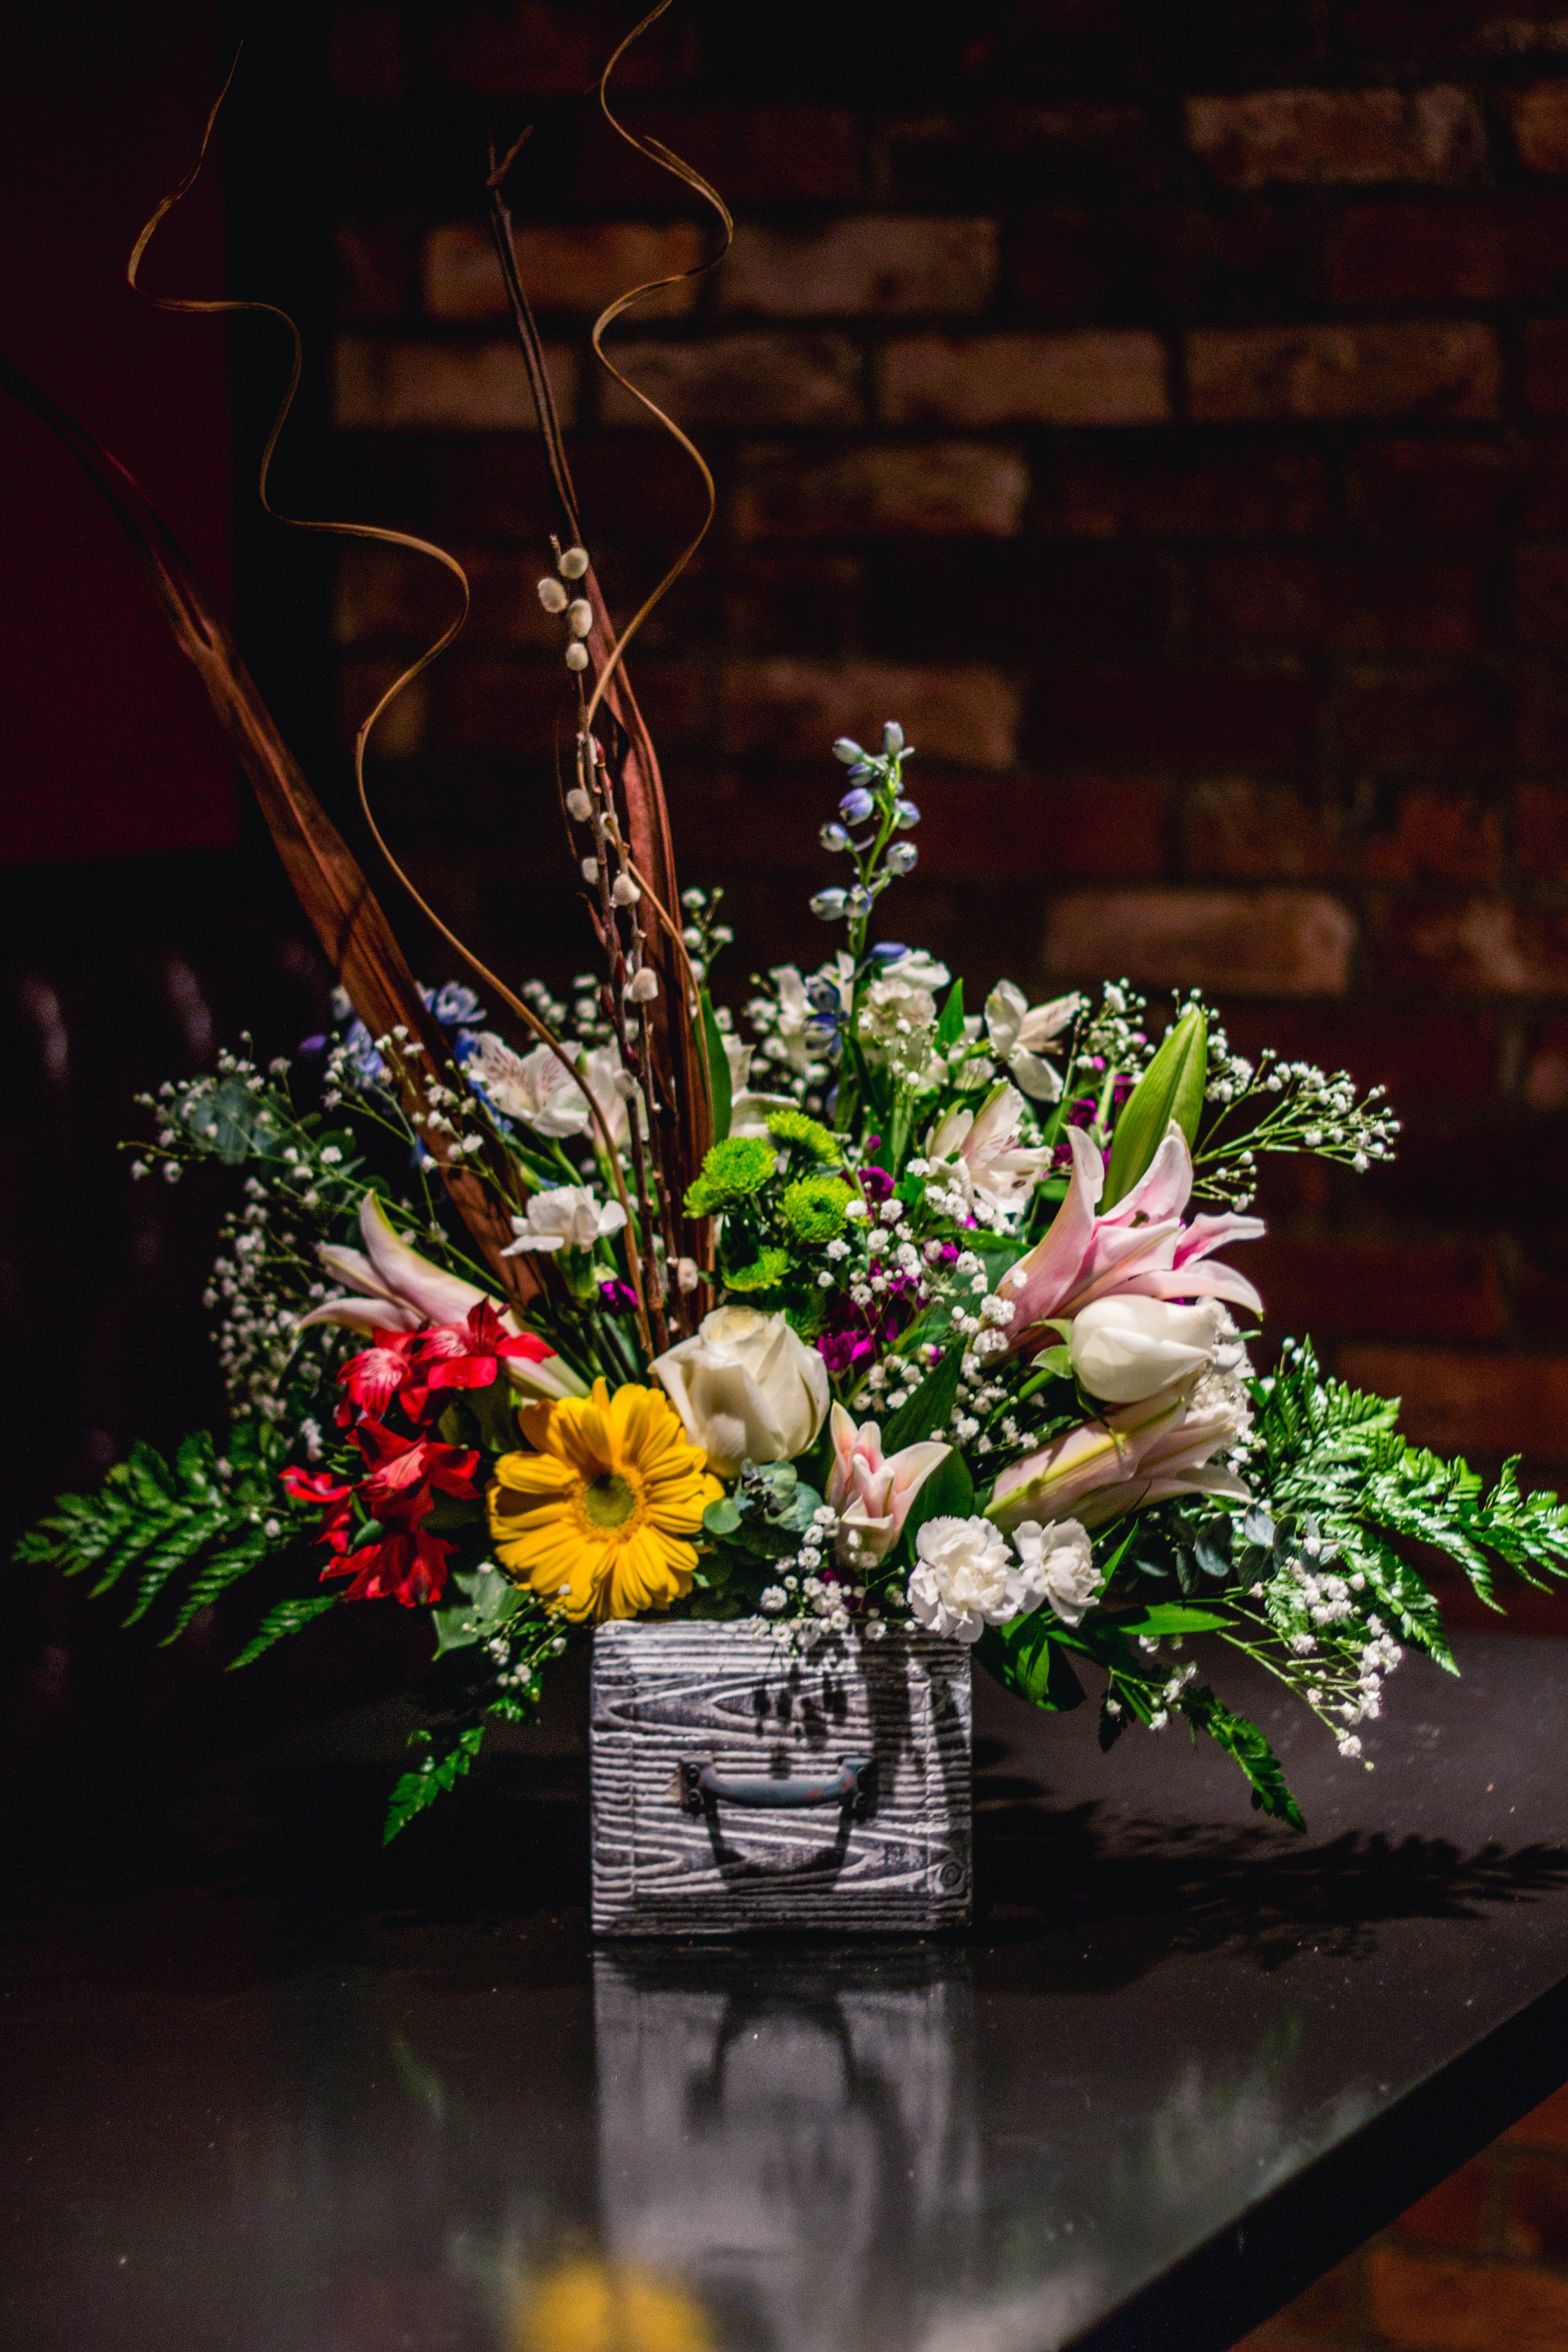 Δωρεάν στοκ φωτογραφιών με άνθη, ανθοδέσμη, κίτρινη, κόκκινο